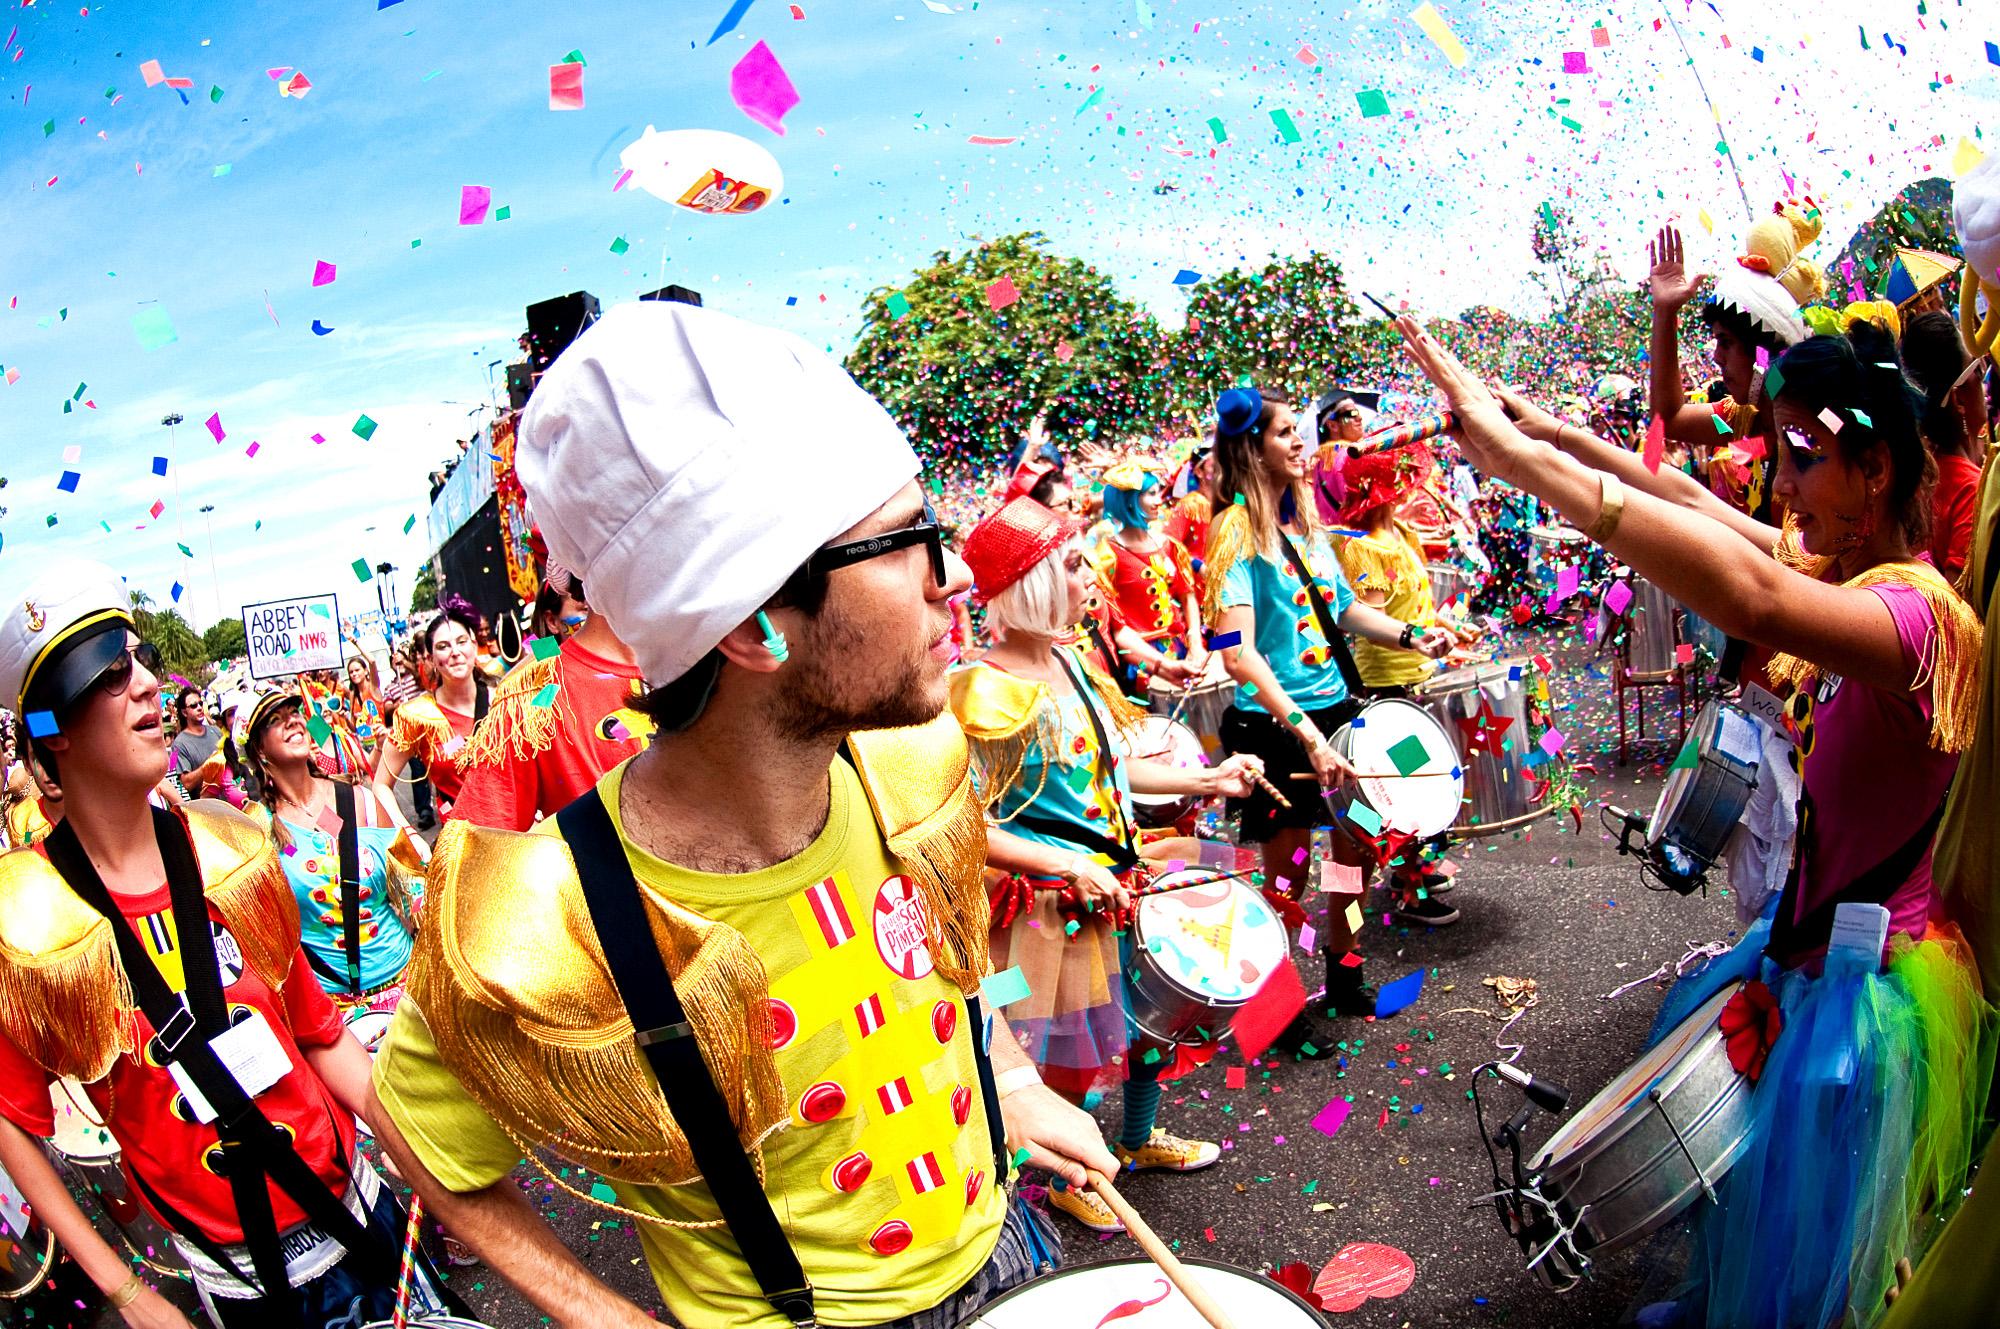 carnaval-bh-2015